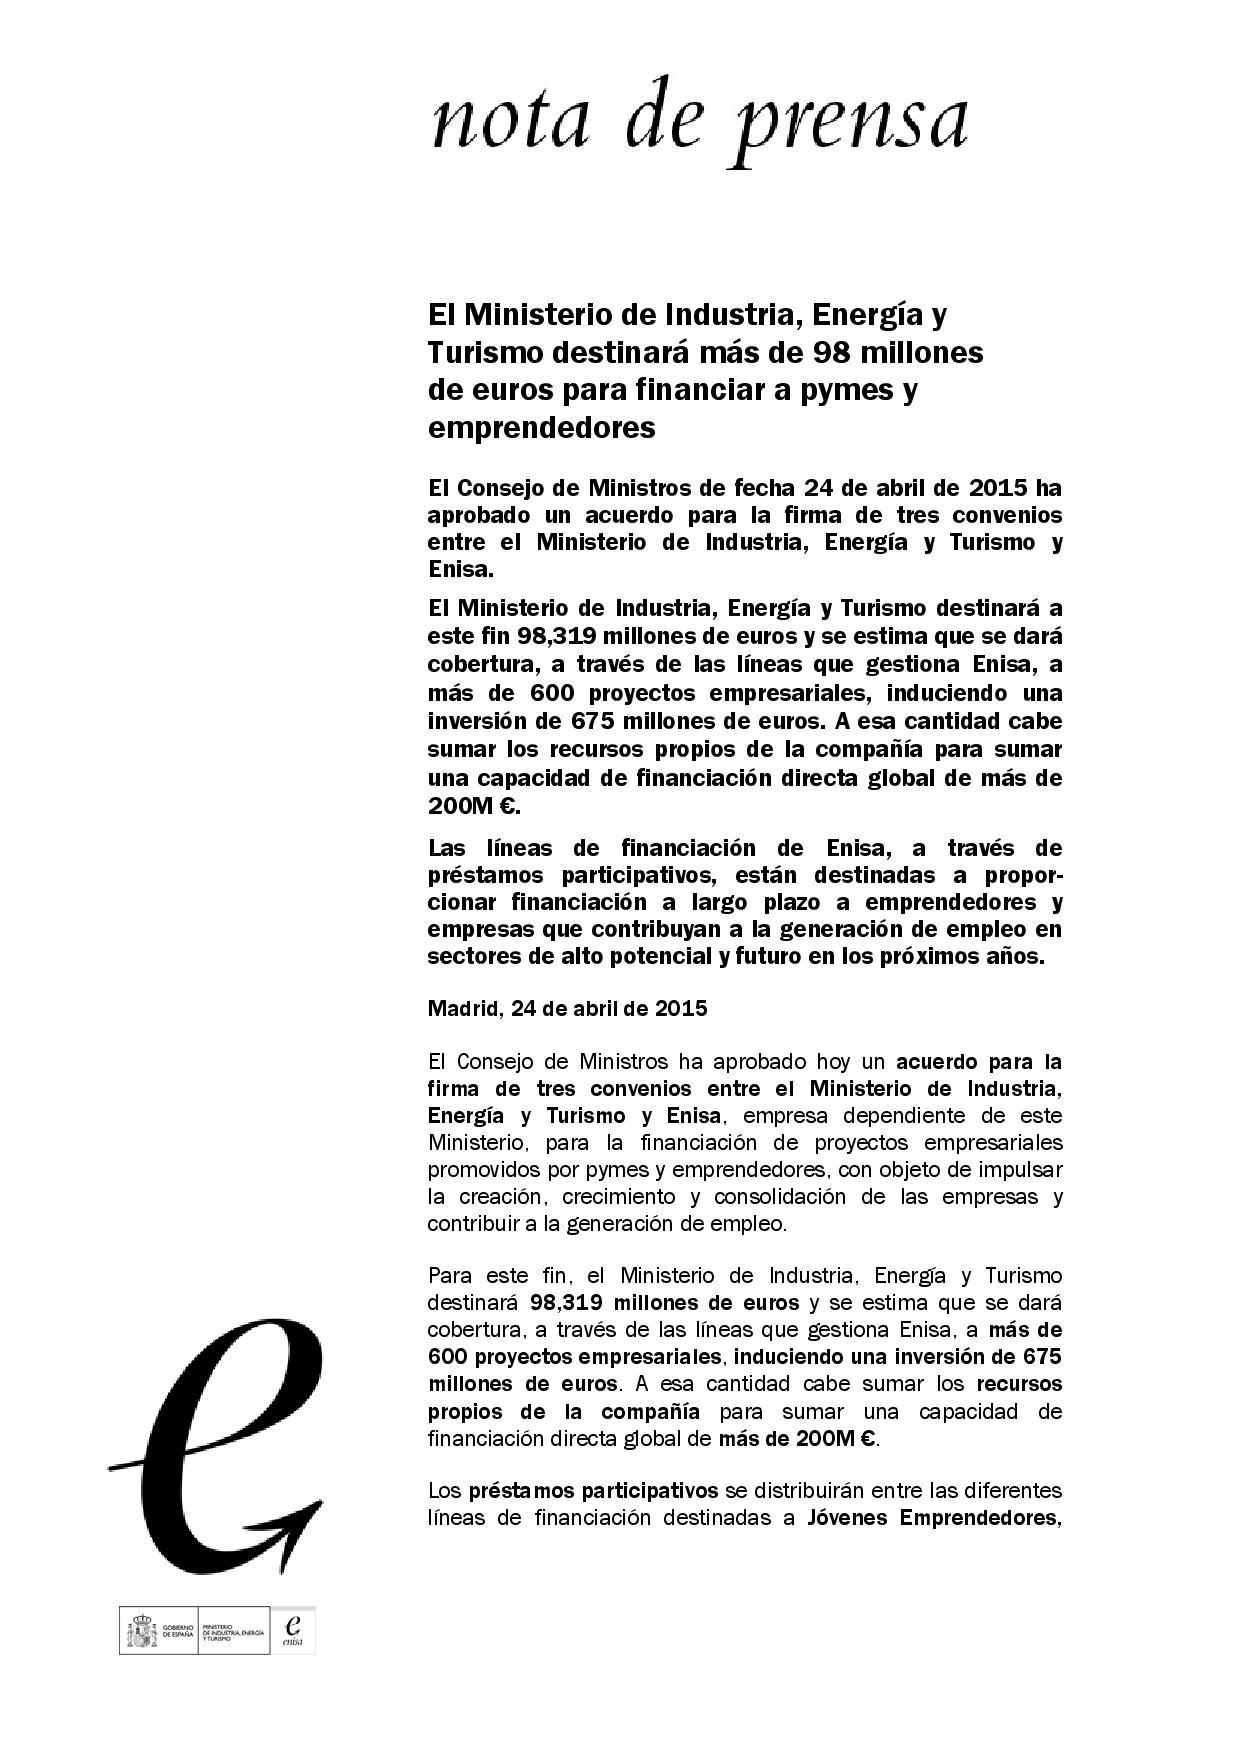 NdP líneas Enisa 2015-page-001